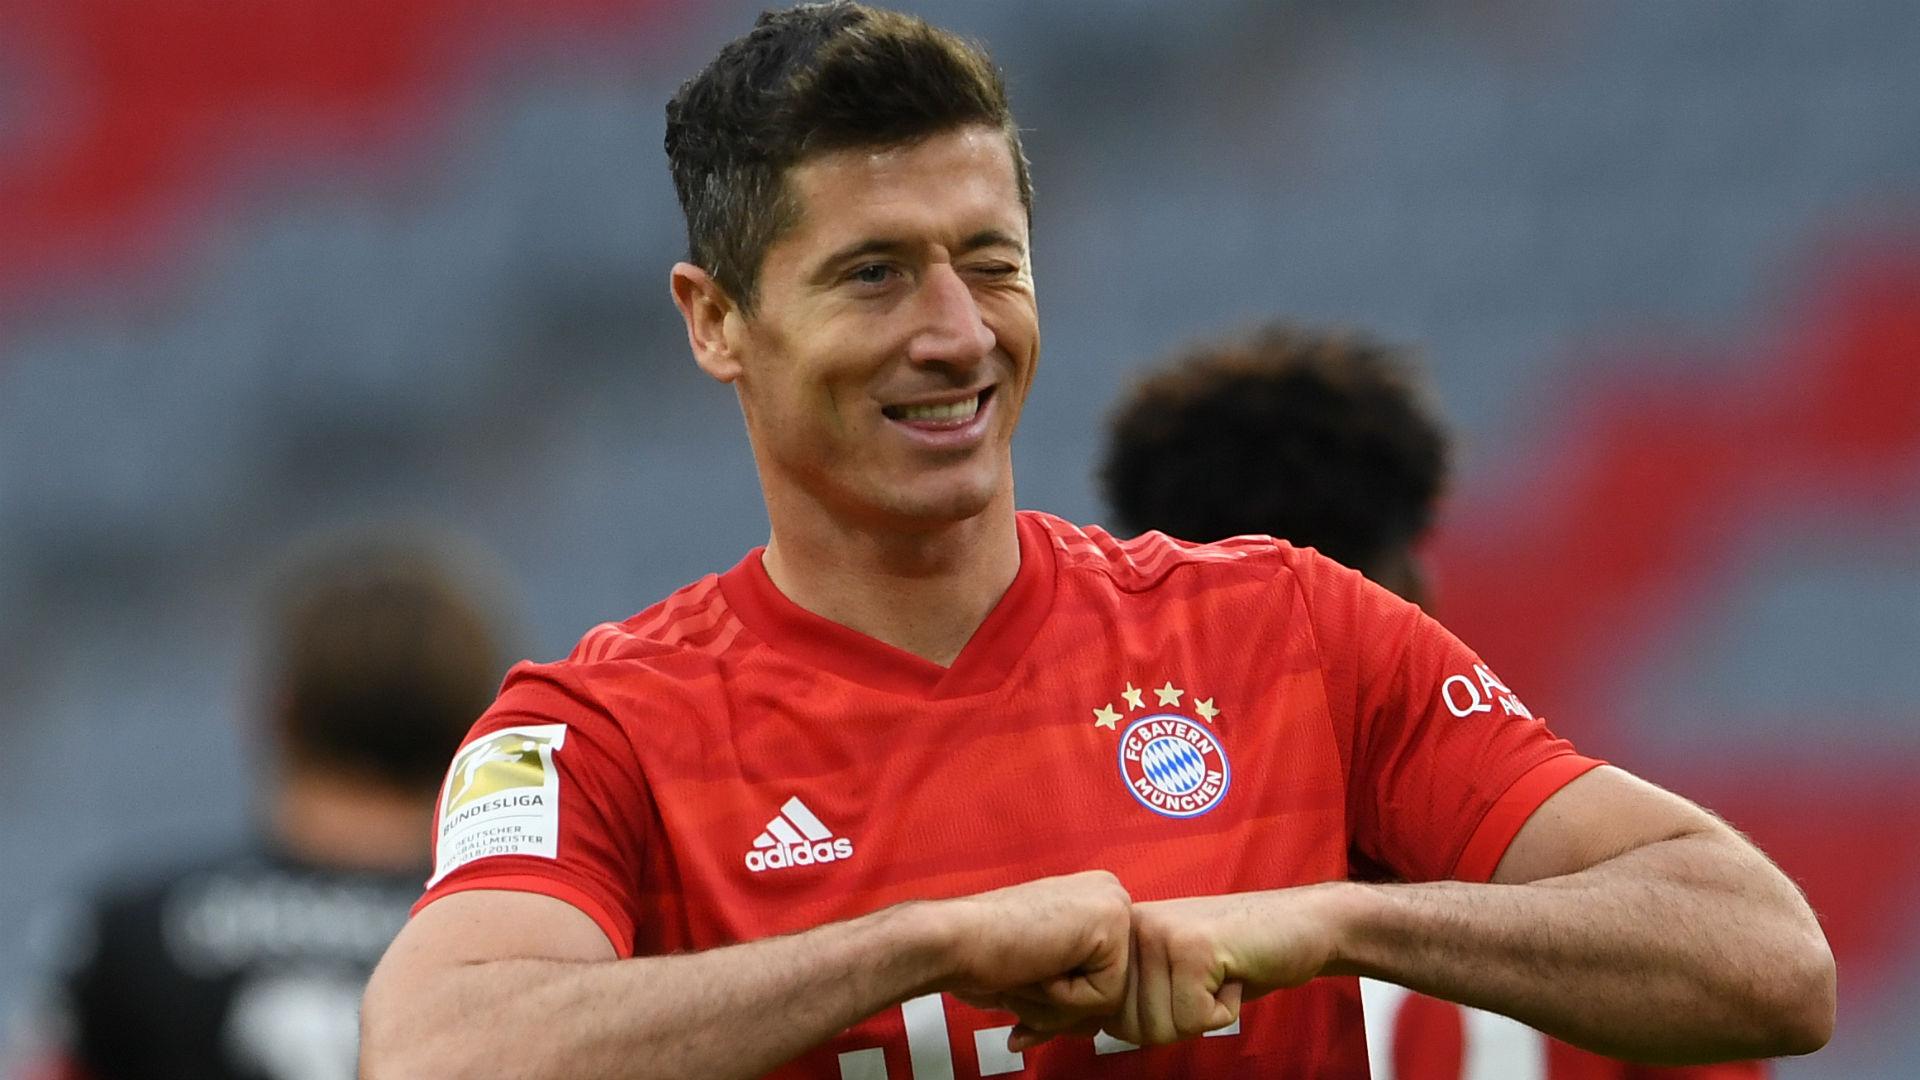 Cancelled Ballon d'Or 'not very fair' on Lewandowski, says Bayern chief